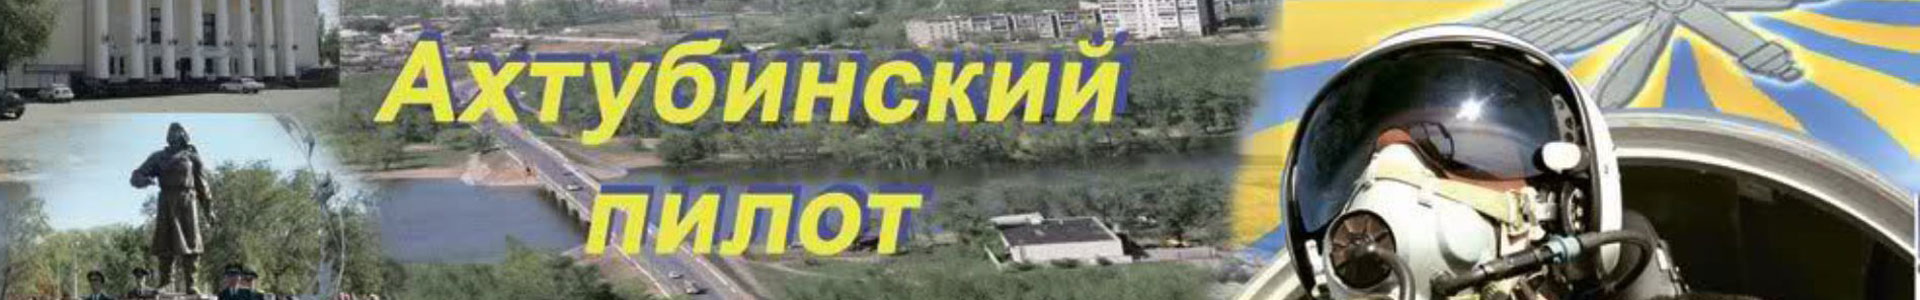 Рубрика: ГЛИЦ имени В.П.Чкалова